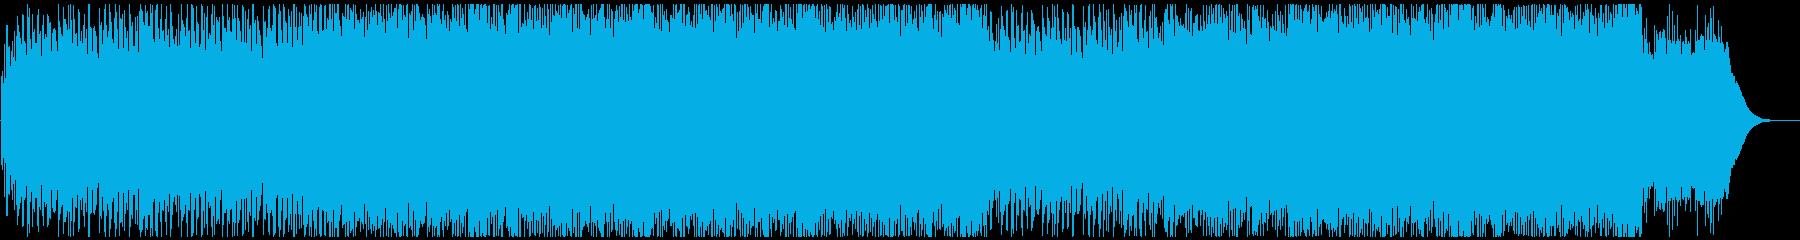 爽やかオープニング映像に スッキリ前向きの再生済みの波形